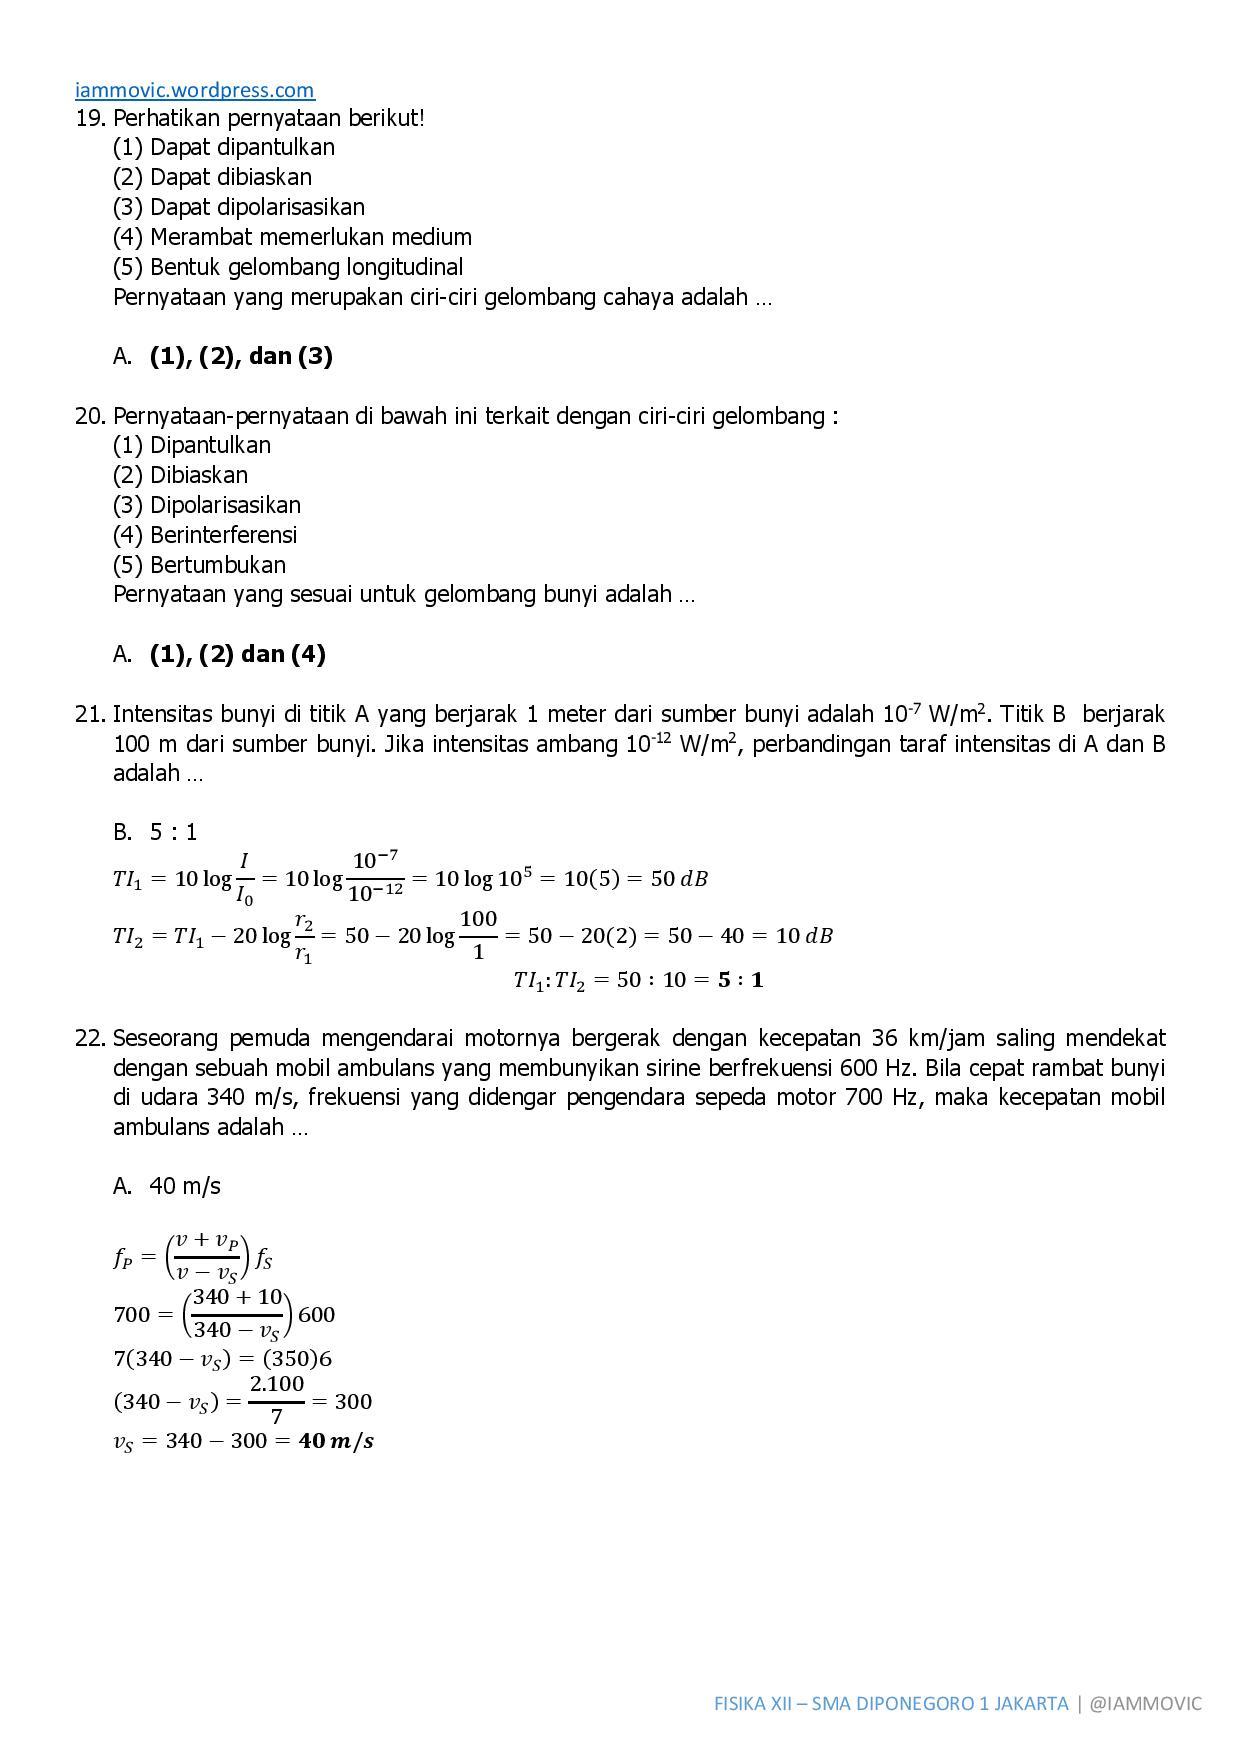 Ekonomi Akuntansi Id Soal Soal Dan Jawaban Fisika Kelas Xii Semester Ganjil Pembelajaranfisika